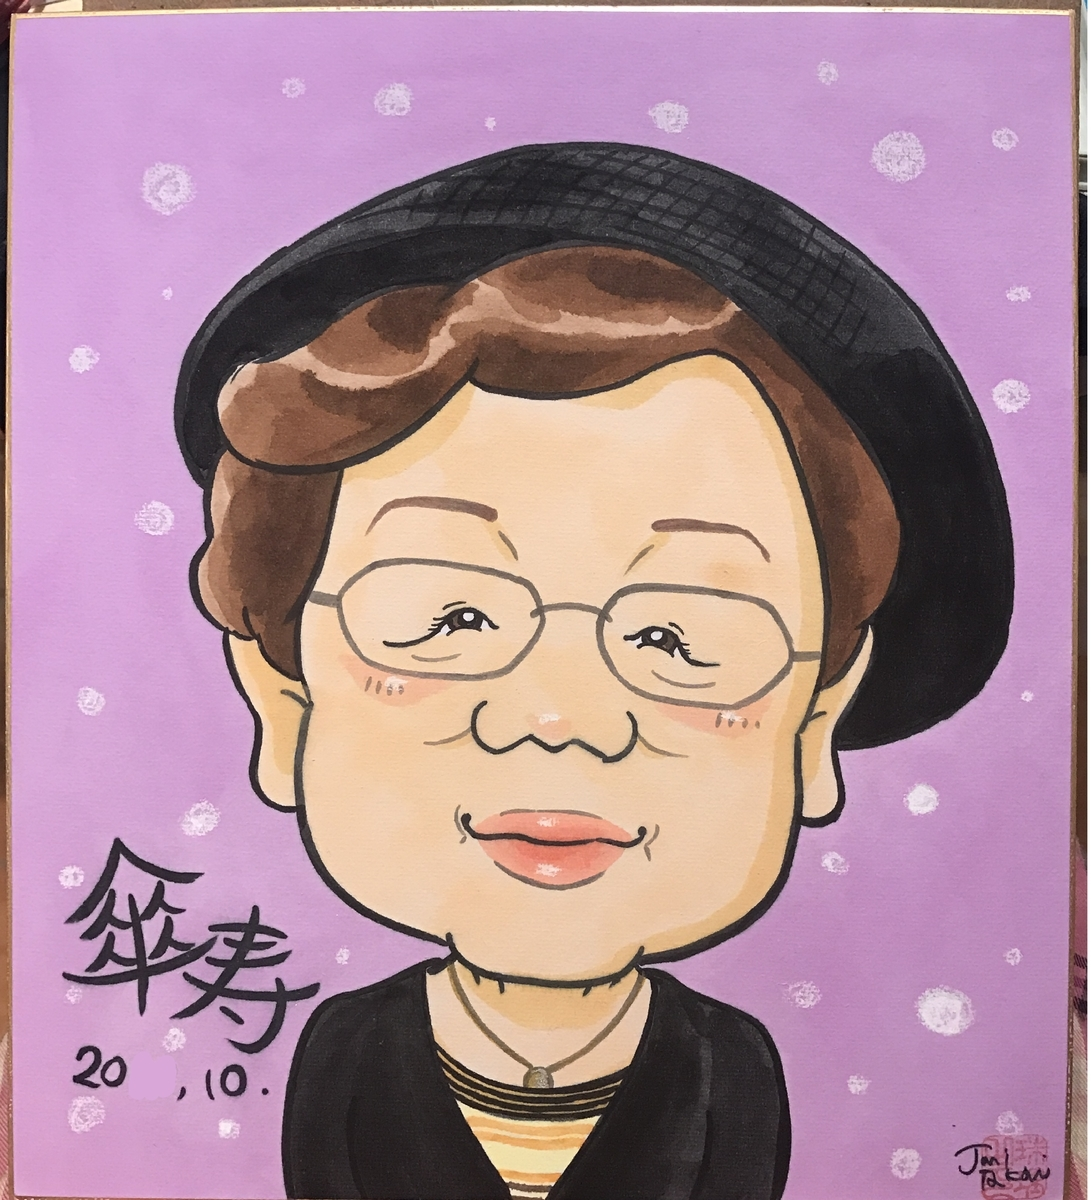 傘寿祝いの似顔絵 北海道札幌の似顔絵作家高井じゅり 似顔絵ファクトリー